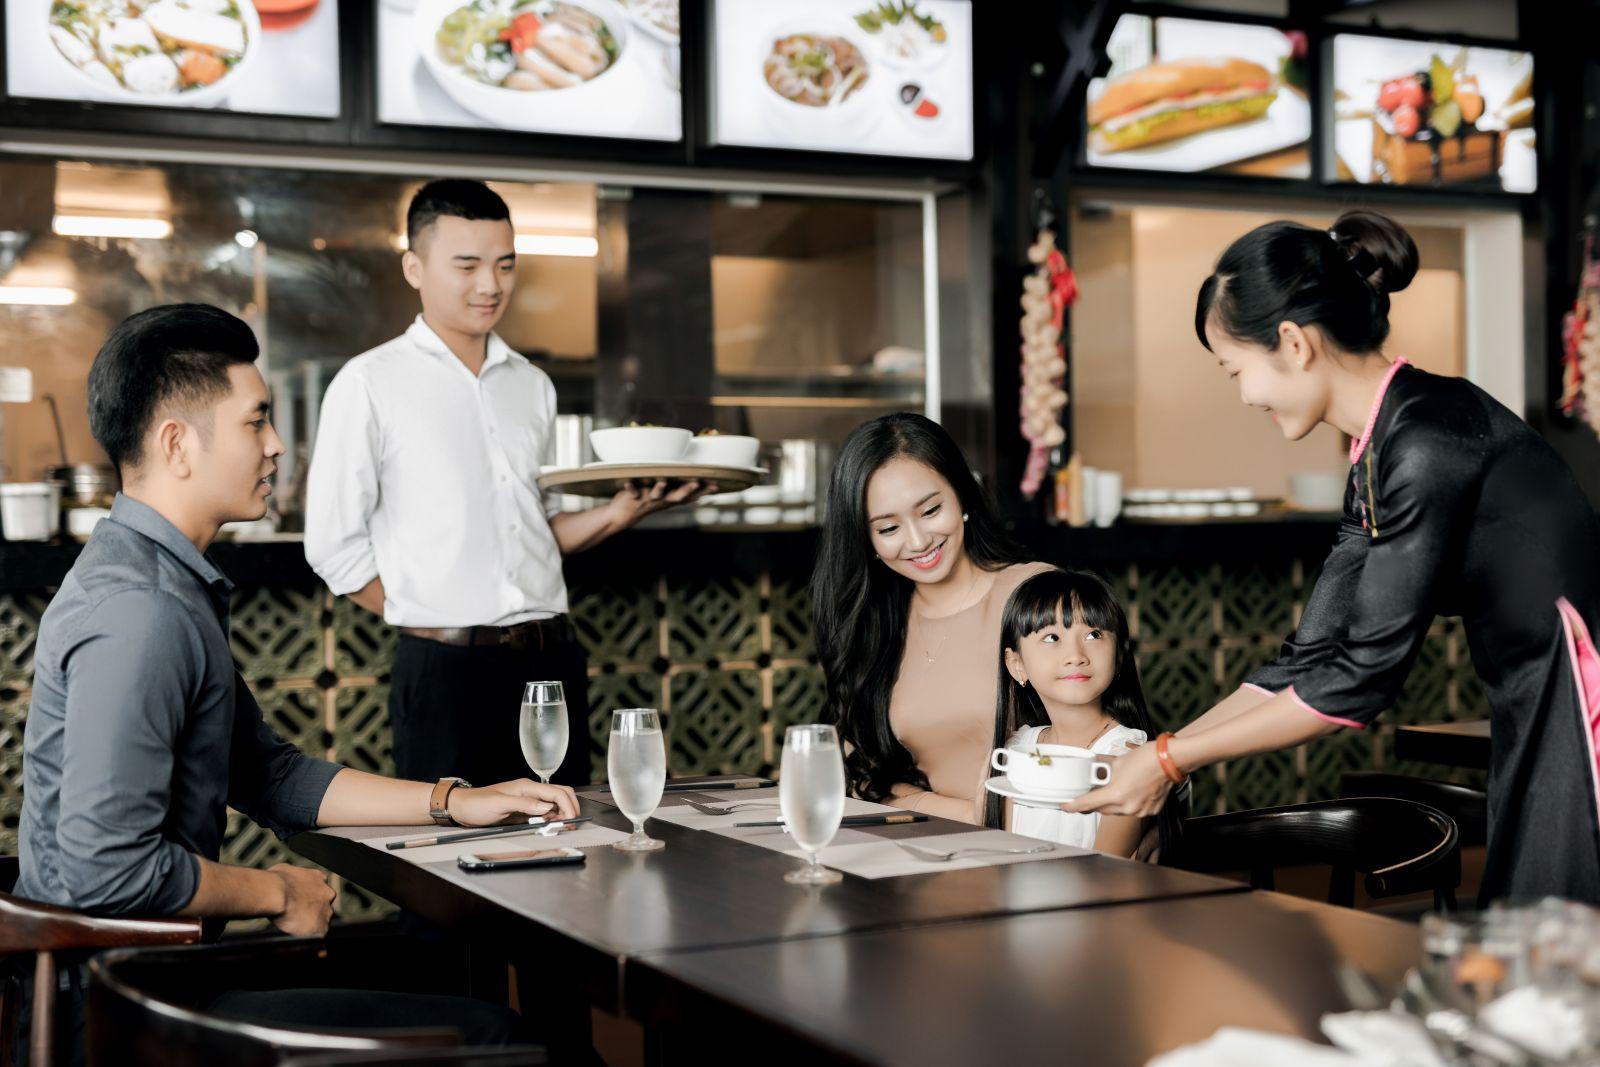 Nhân viên phục vụ quán ăn nhà hàng khách sạn